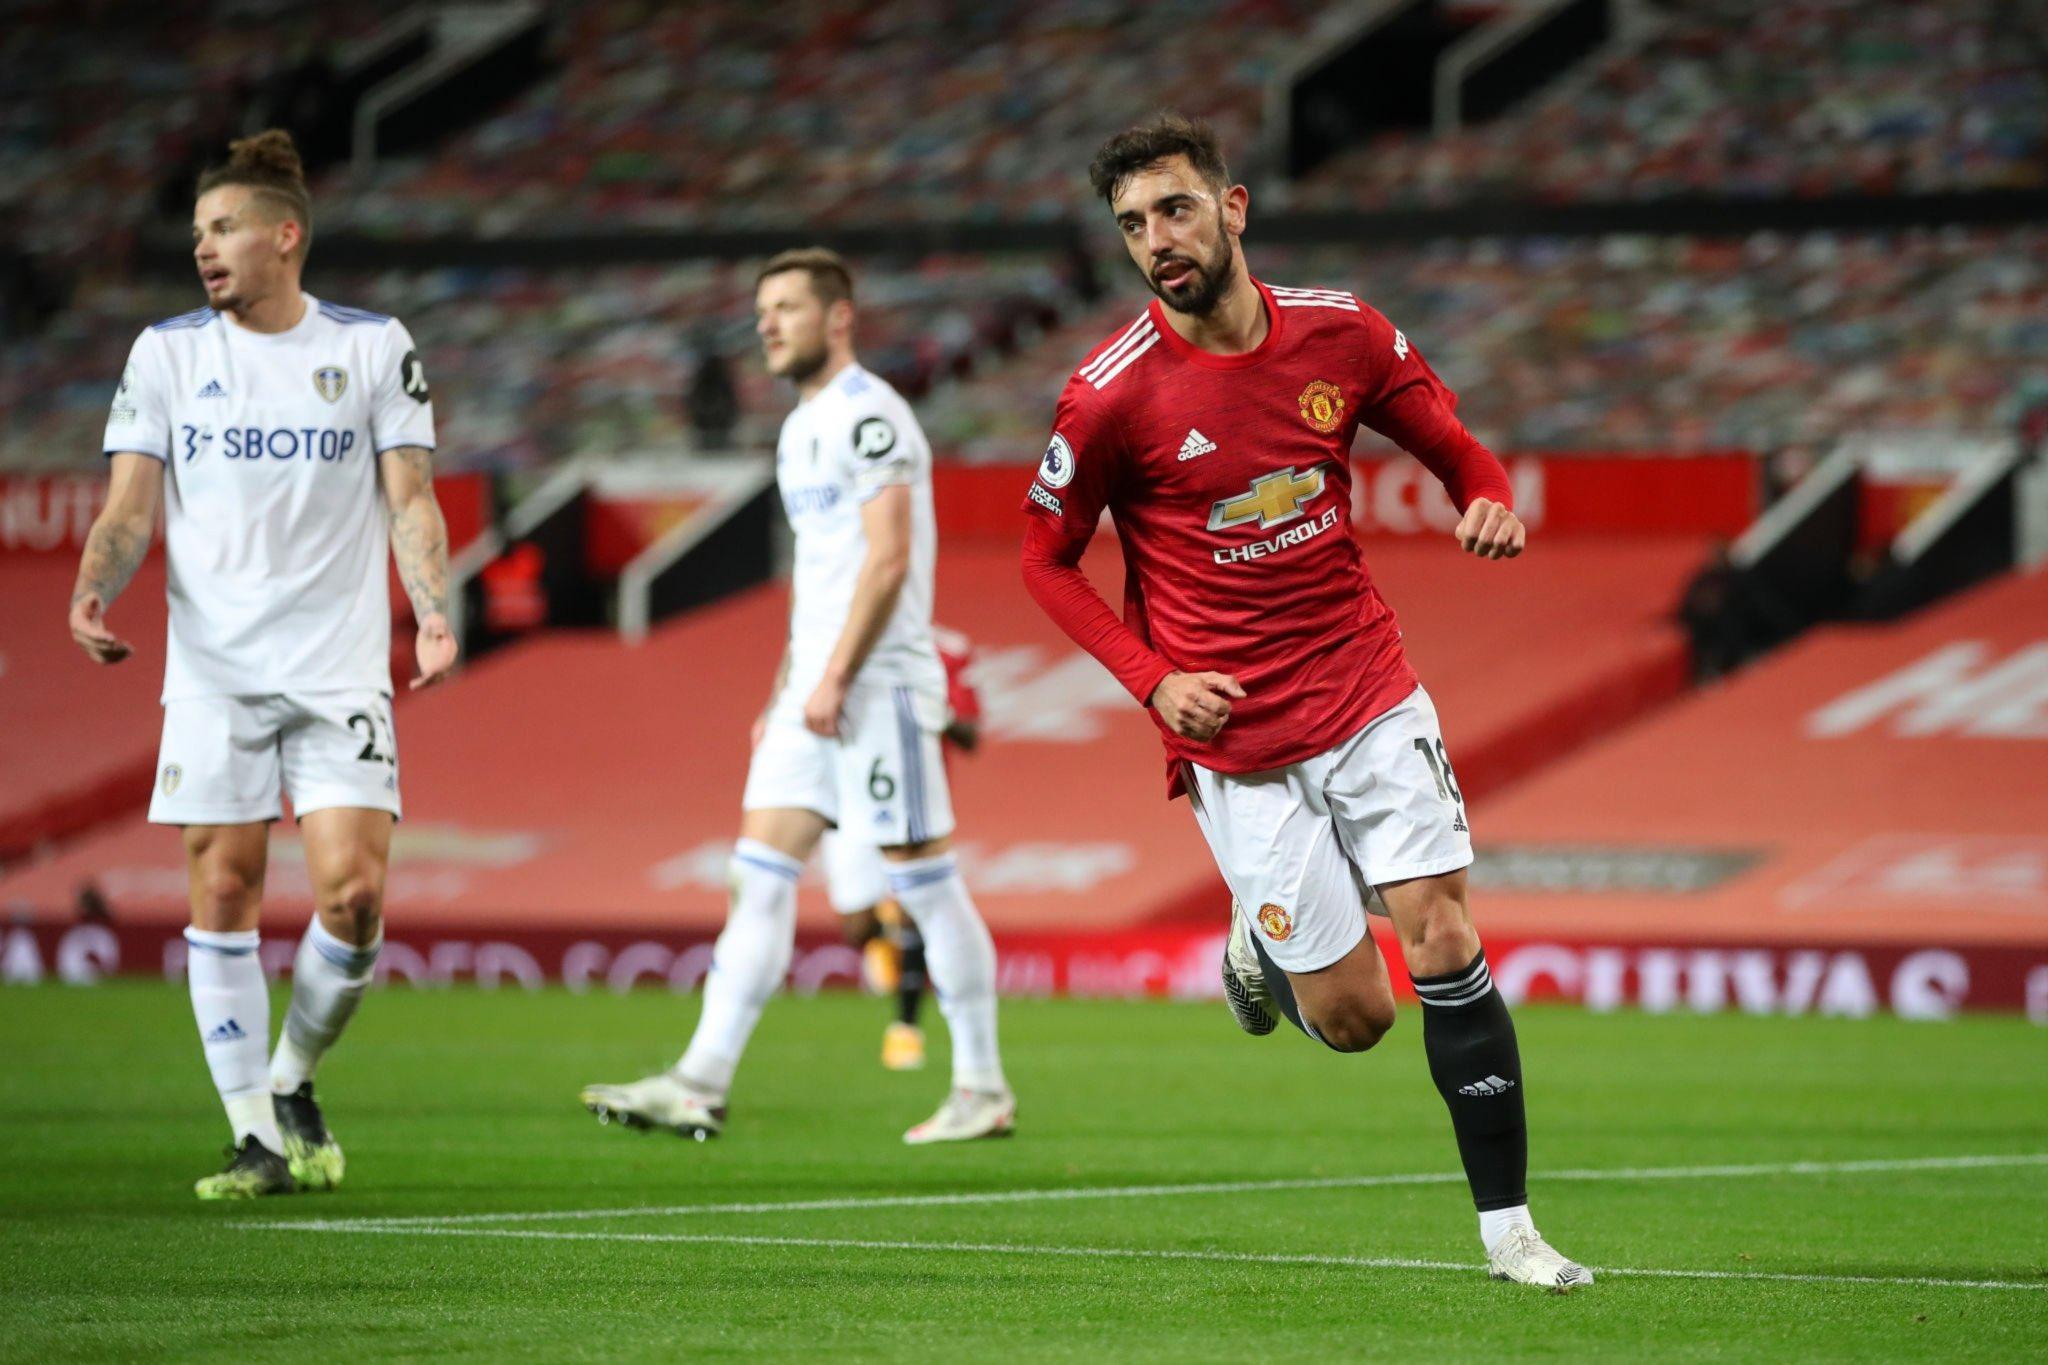 «МЮ» забил 6+ голов в АПЛ впервые после победы над «Арсеналом» 8:2 в 2011 году